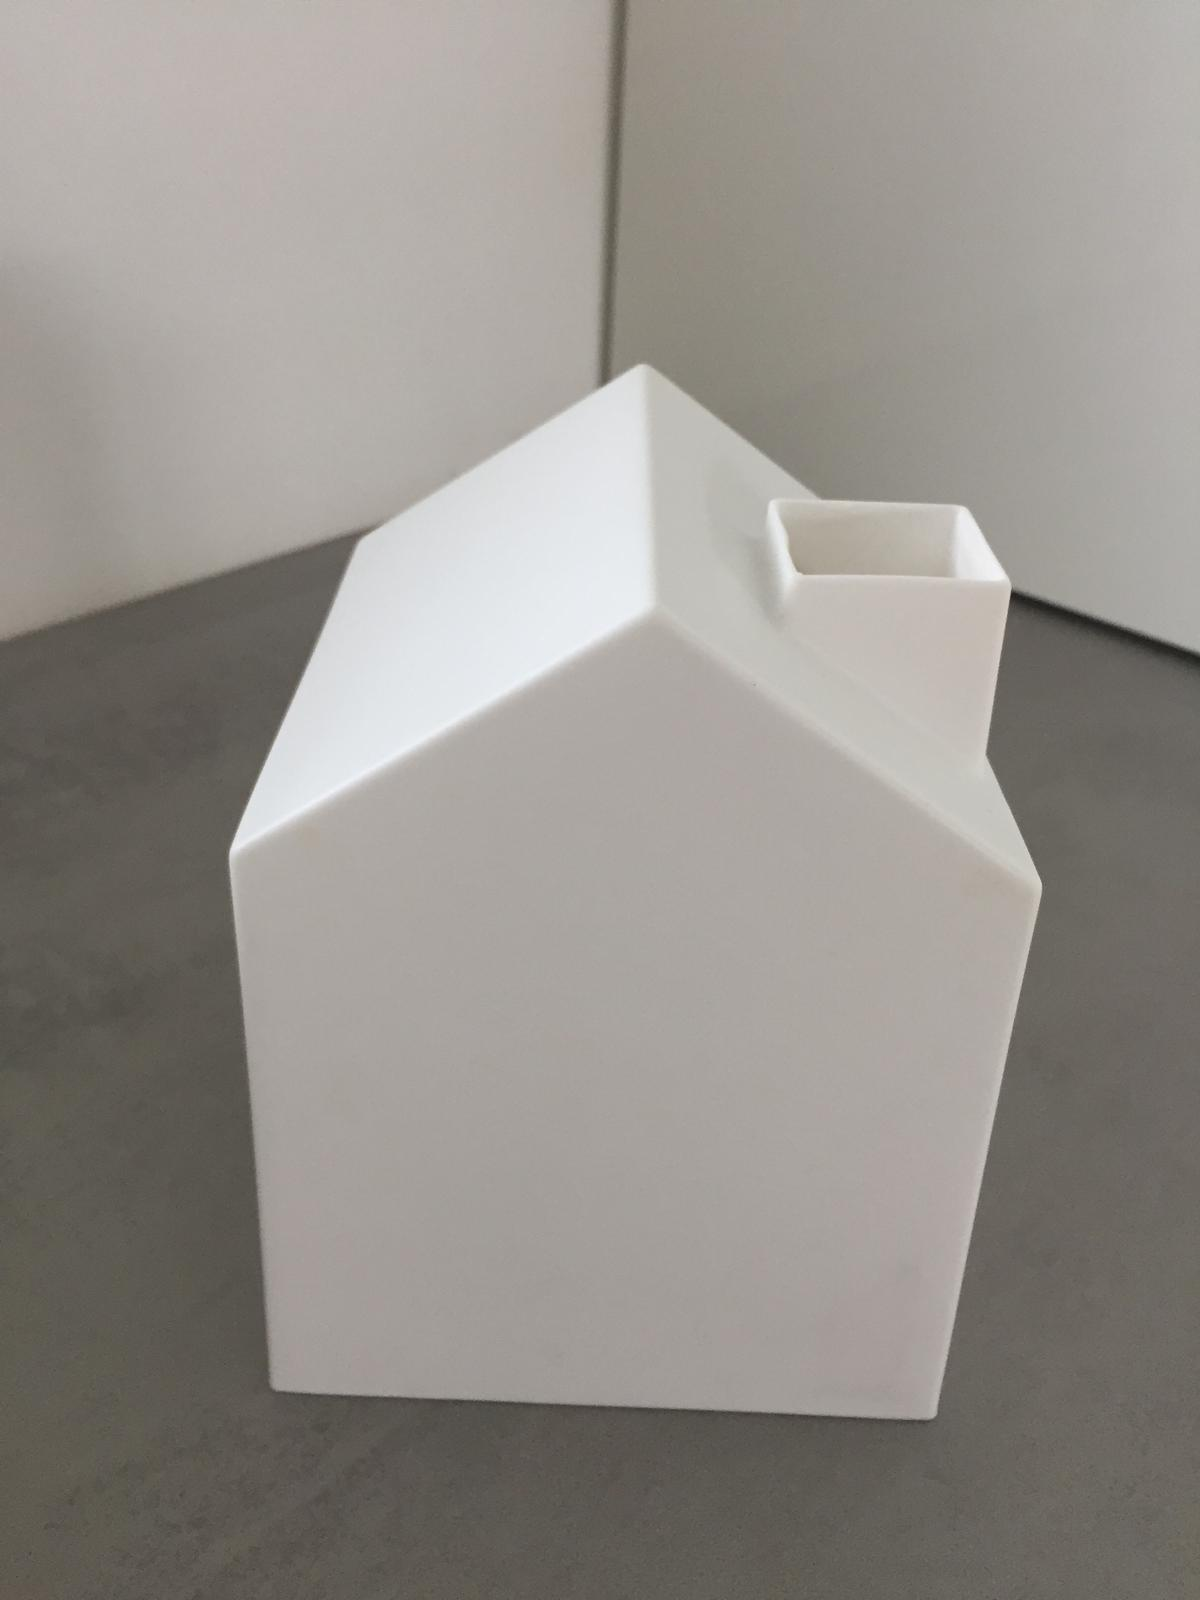 Krabička na papírové kapesníky Domeček - Obrázek č. 1